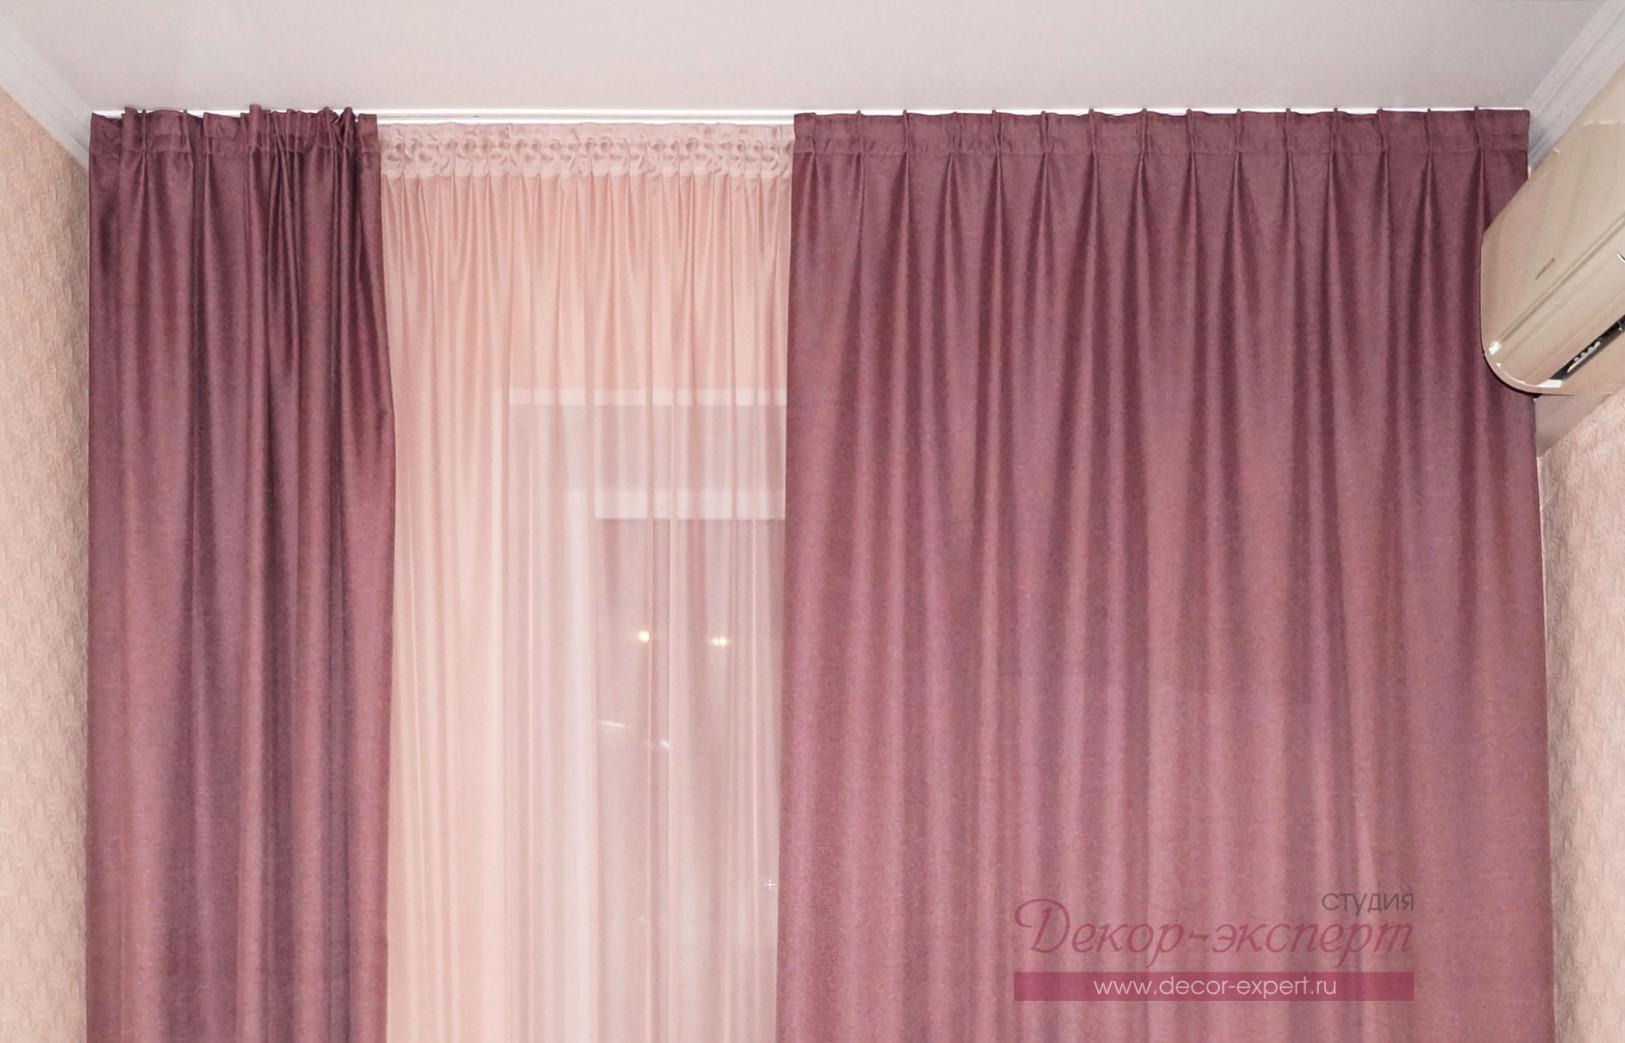 Двухрядный профильный алюминиевый карниз для лиловых штор в спальне.